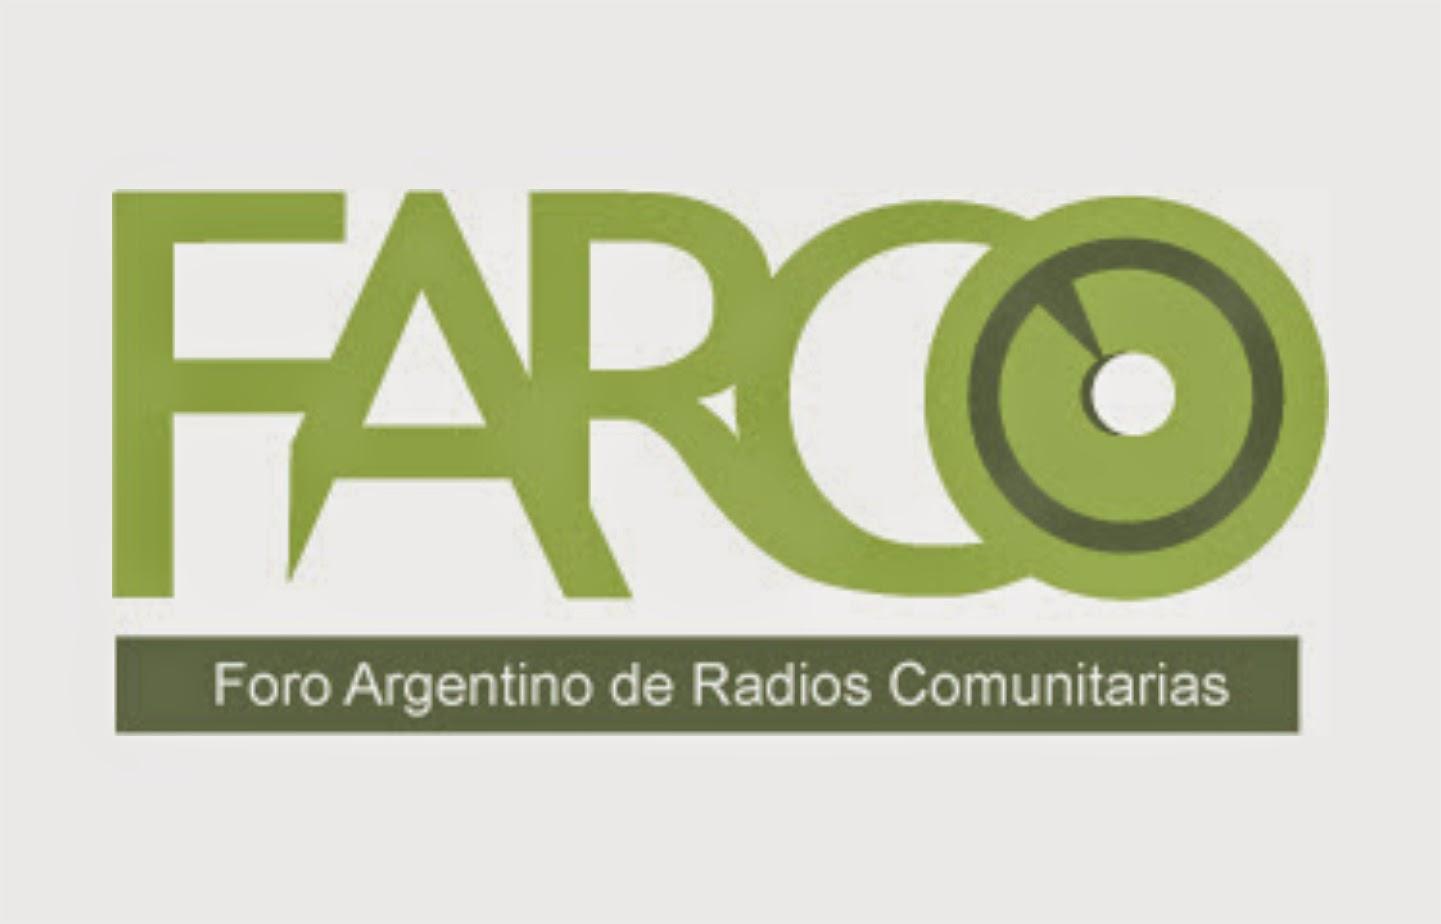 Foro de Radios